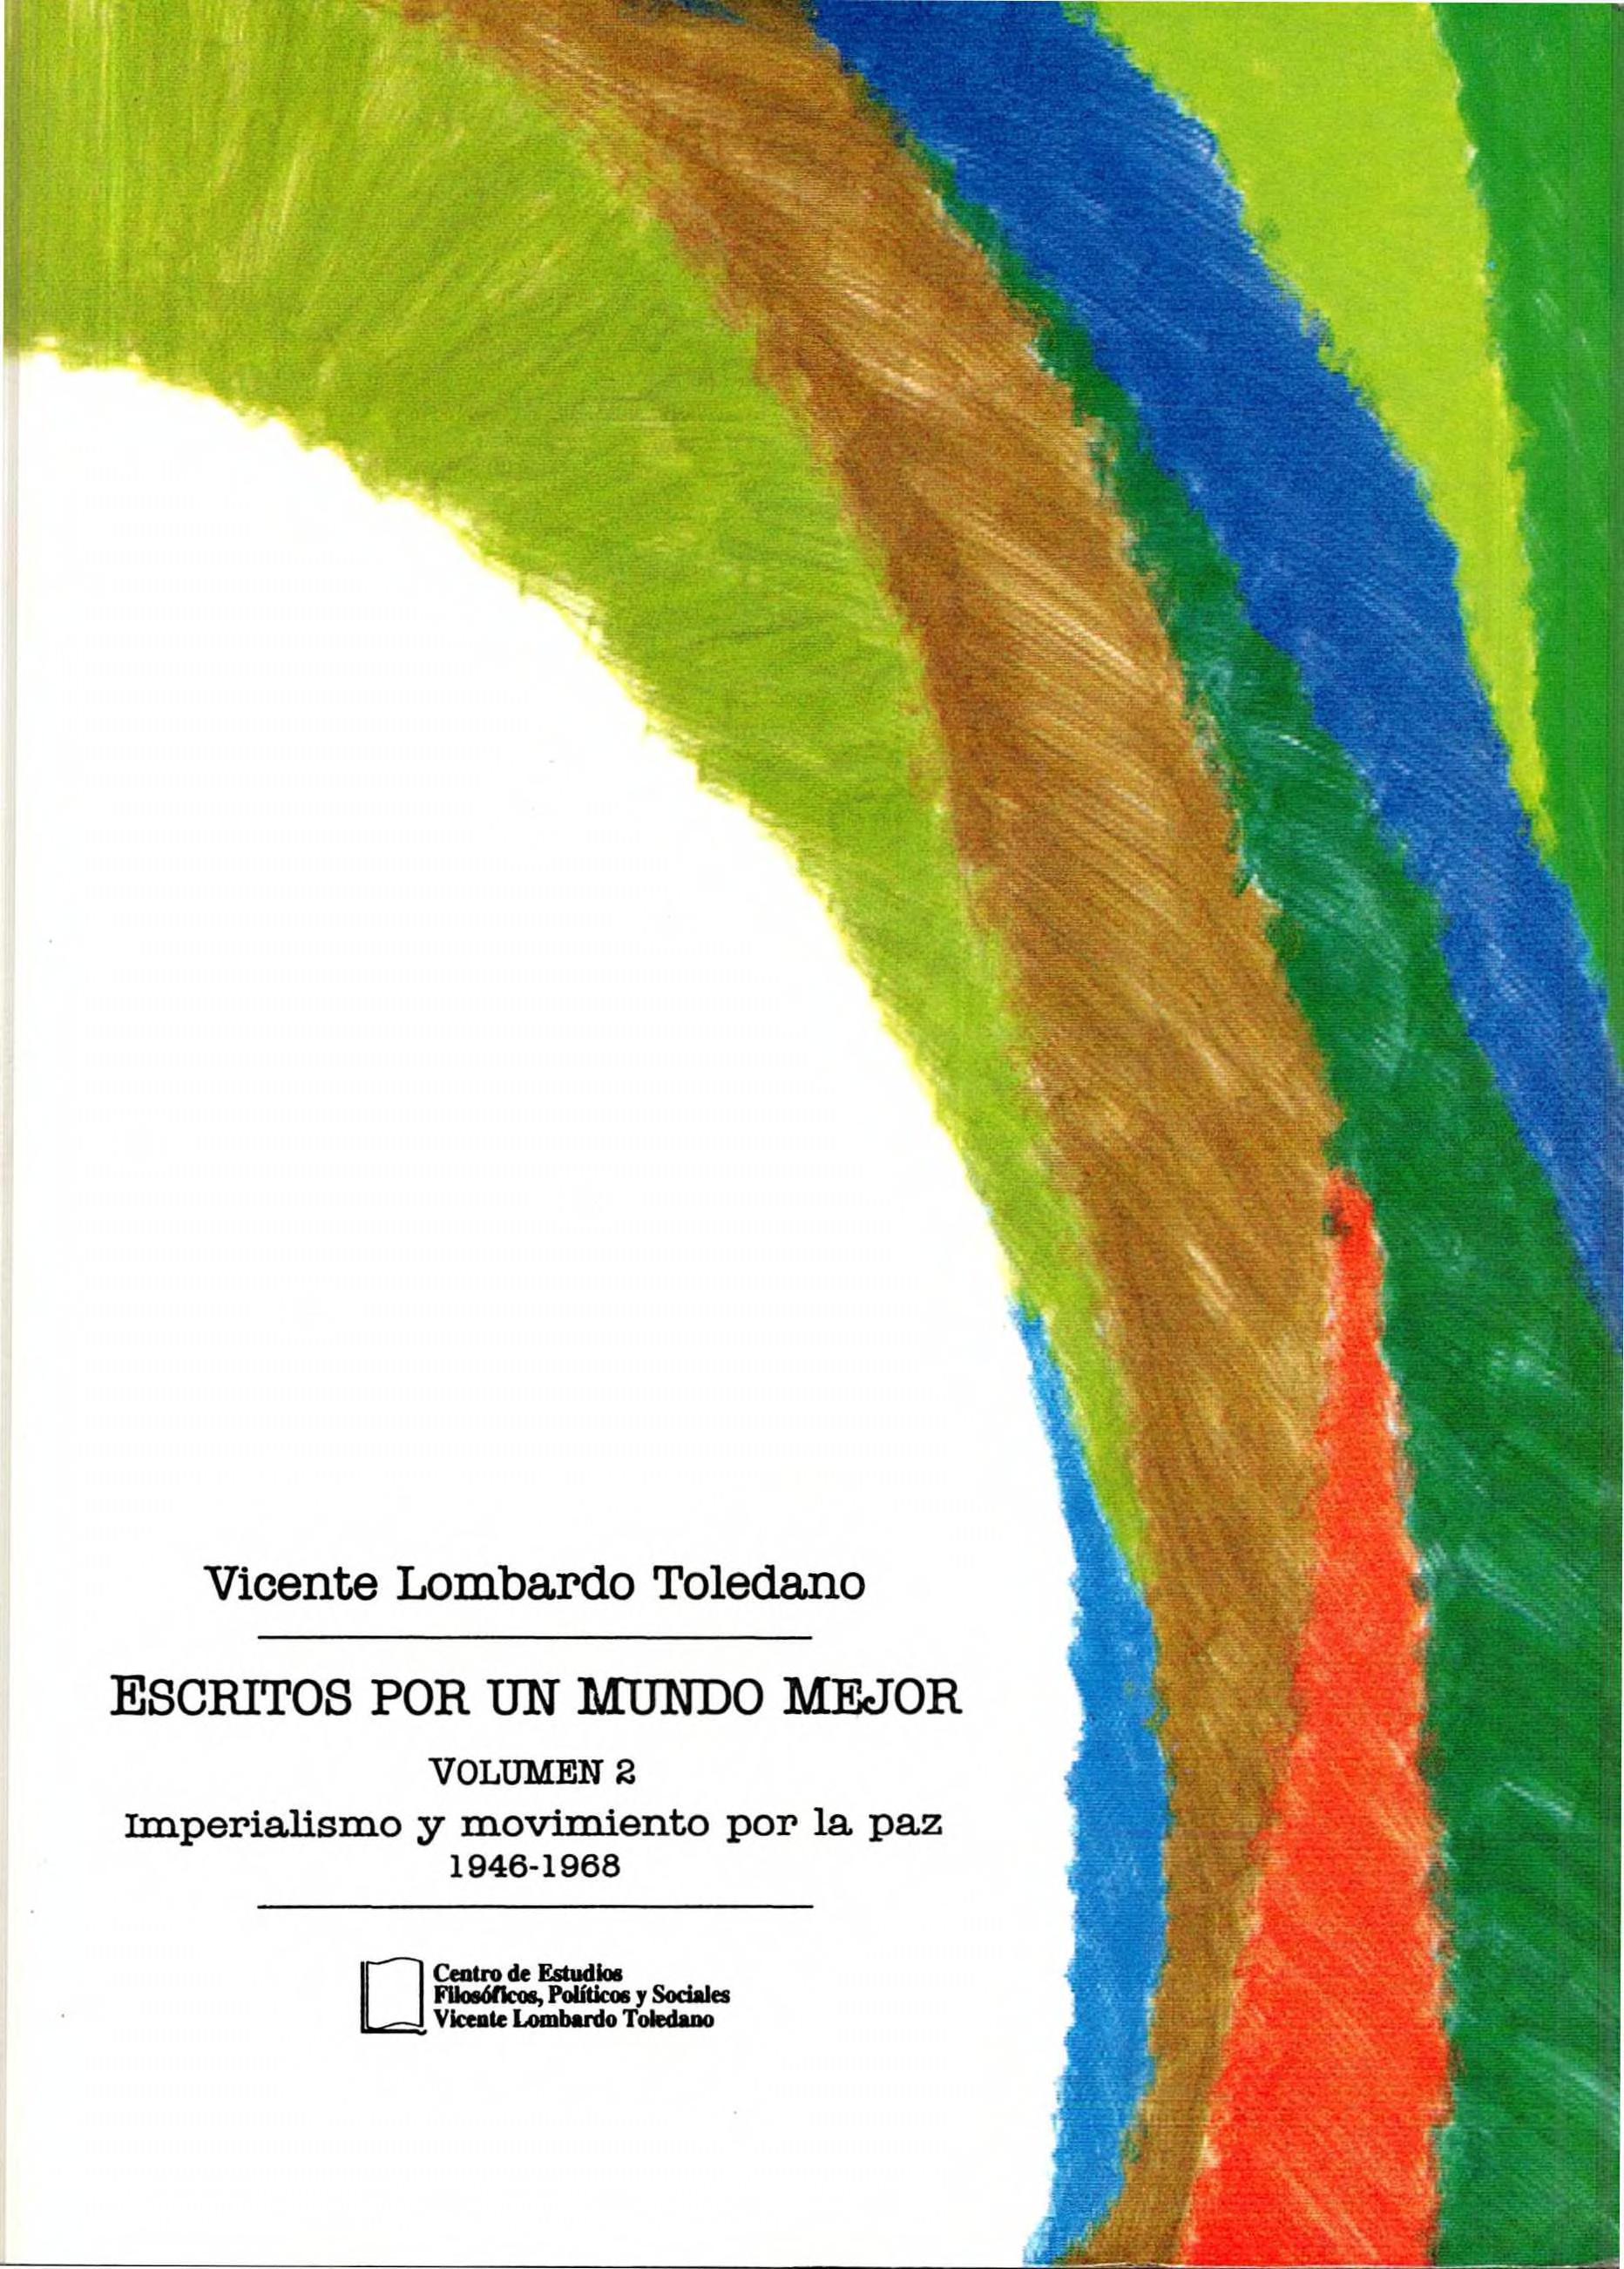 Portada del libro: ESCRITOS POR UN MUNDO MEJOR, VOL. 2. IMPERIALISMO Y MOVIMIENTO POR LA PAZ 1946-1968